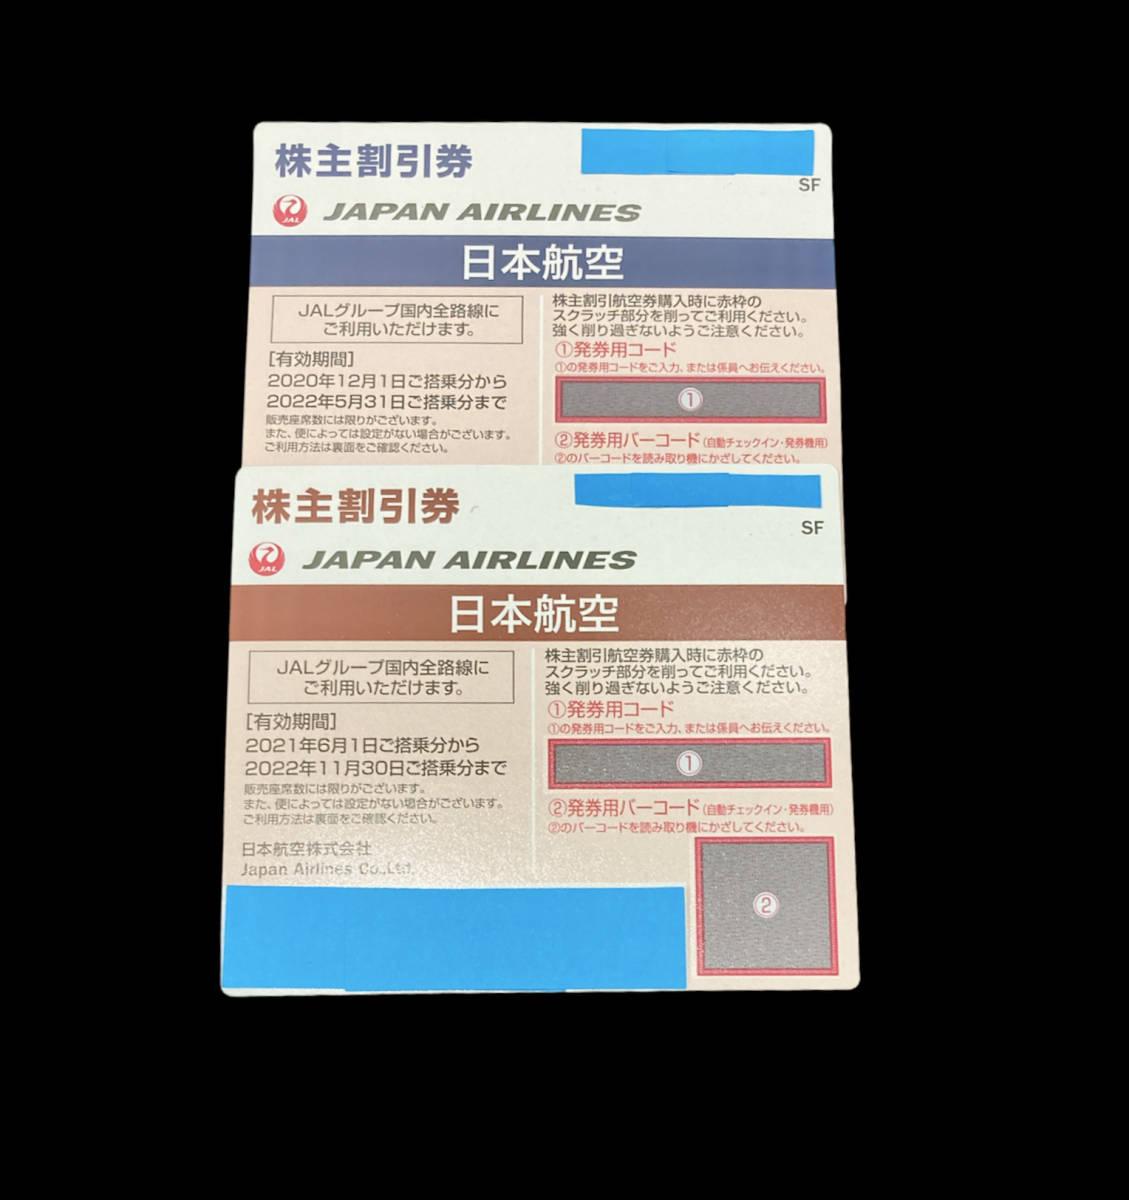 1円~ JAL 日本航空 株主優待券 有効期限2022年5月31日1枚 2022年11月30日 1枚 割引券 交通券 乗車券 _画像1